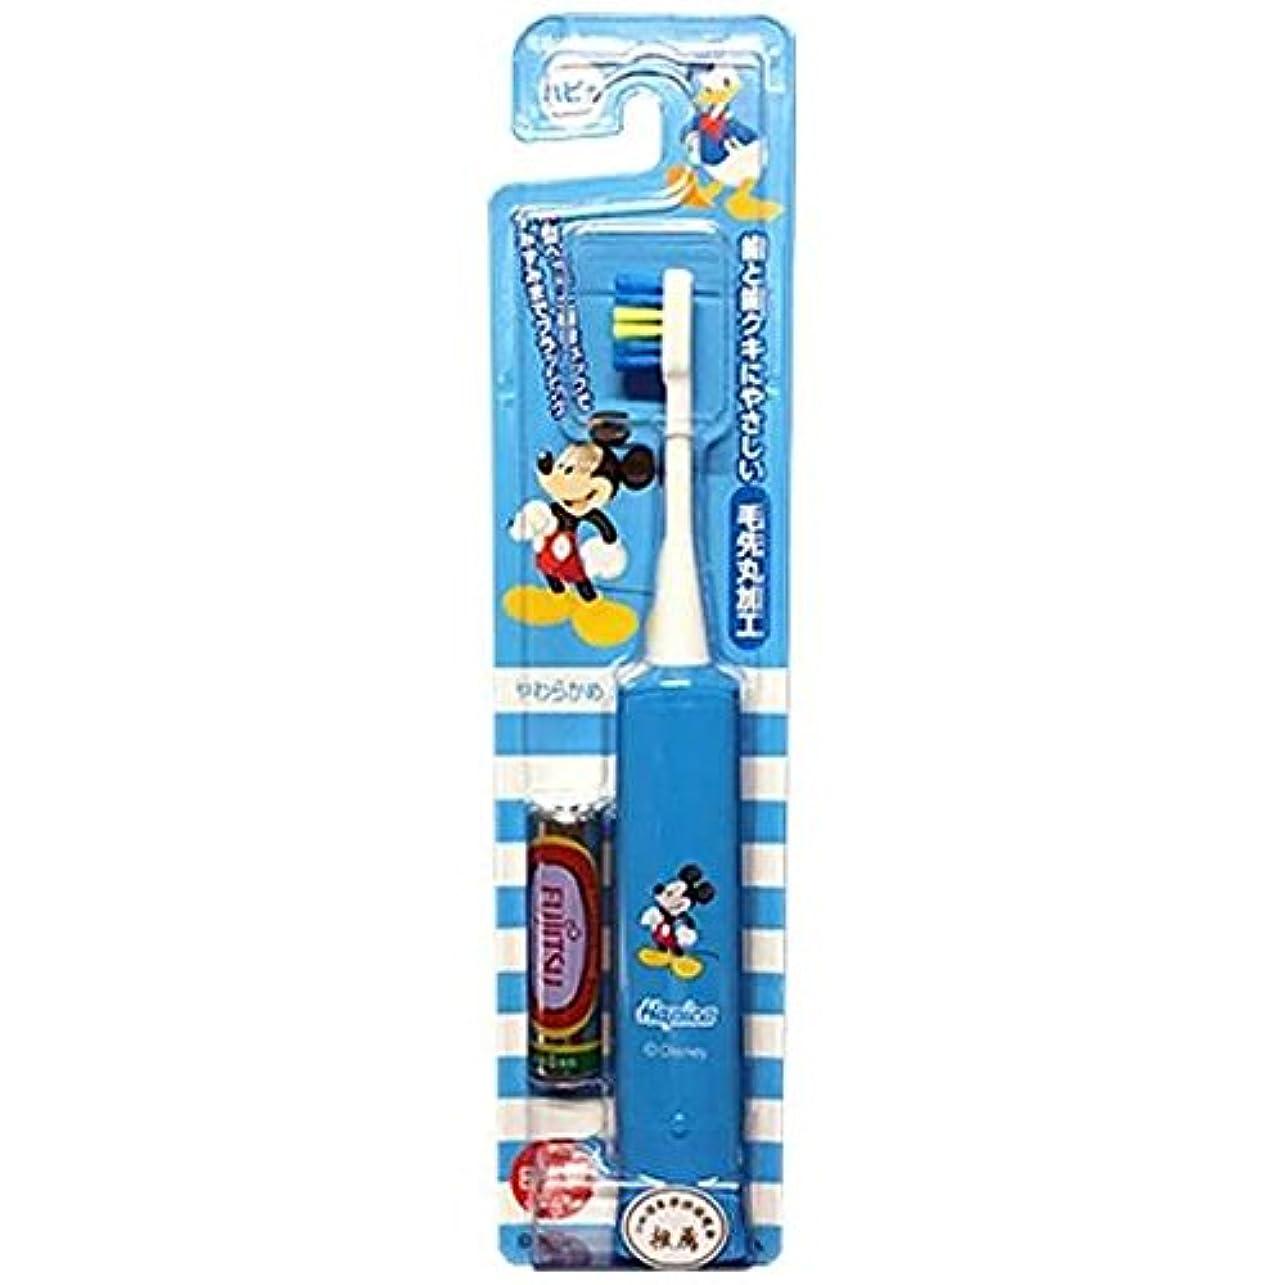 タンカー服を洗うめまいミニマム 電動付歯ブラシ こどもハピカ ミッキー(ブルー) 毛の硬さ:やわらかめ DBK-5B(MK)